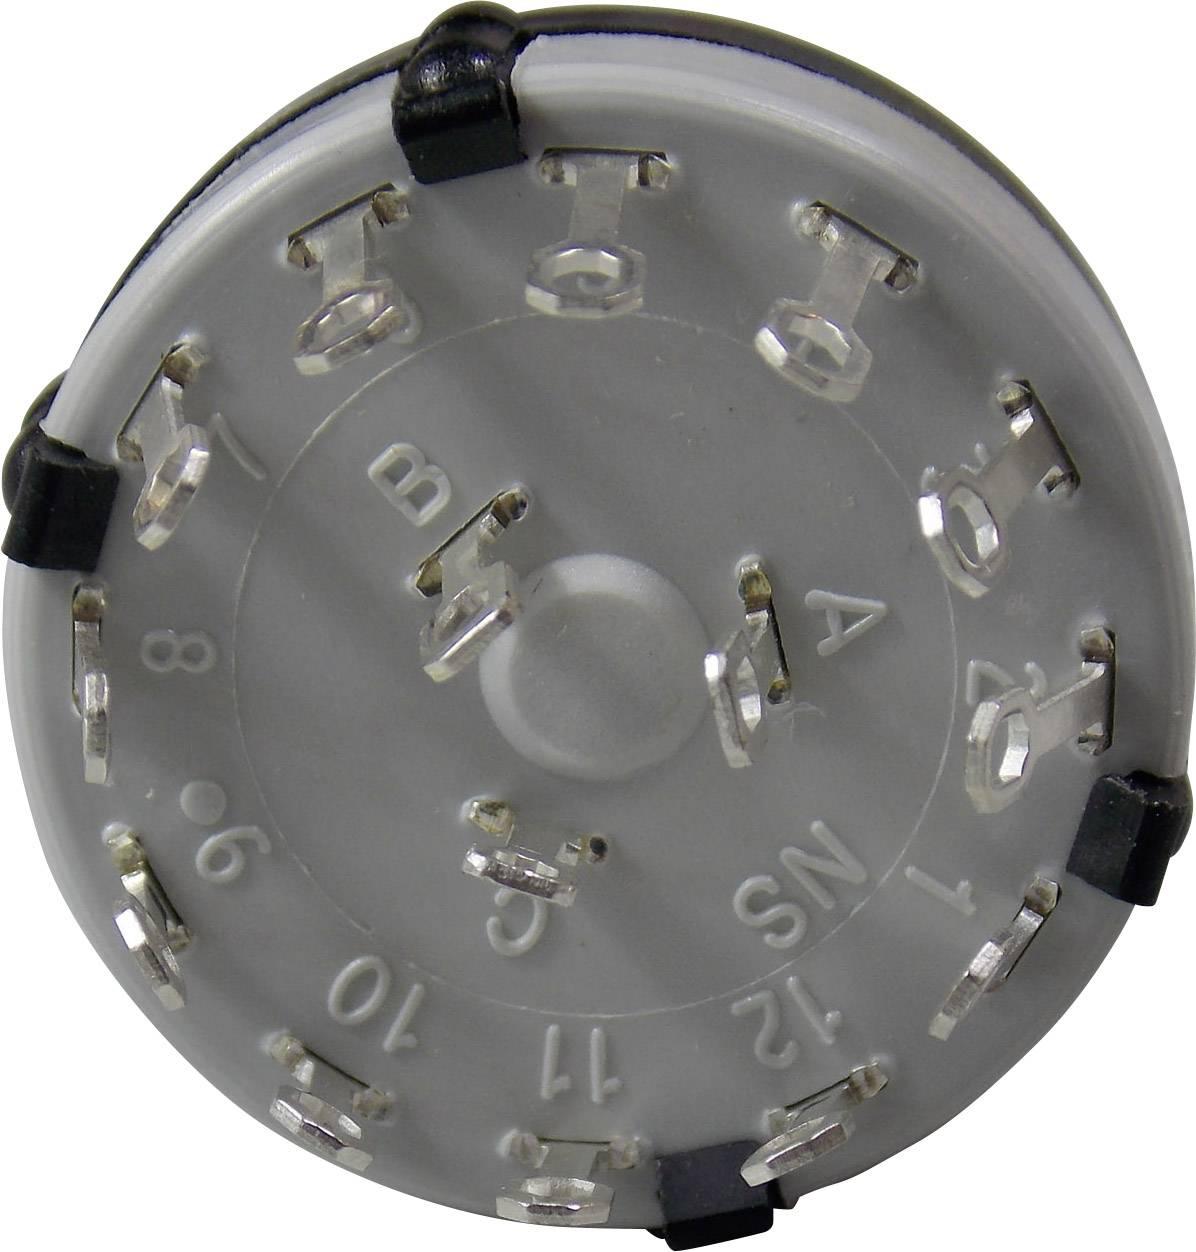 Krokový spínač Lorlin CK-1031, 4 x 30 °